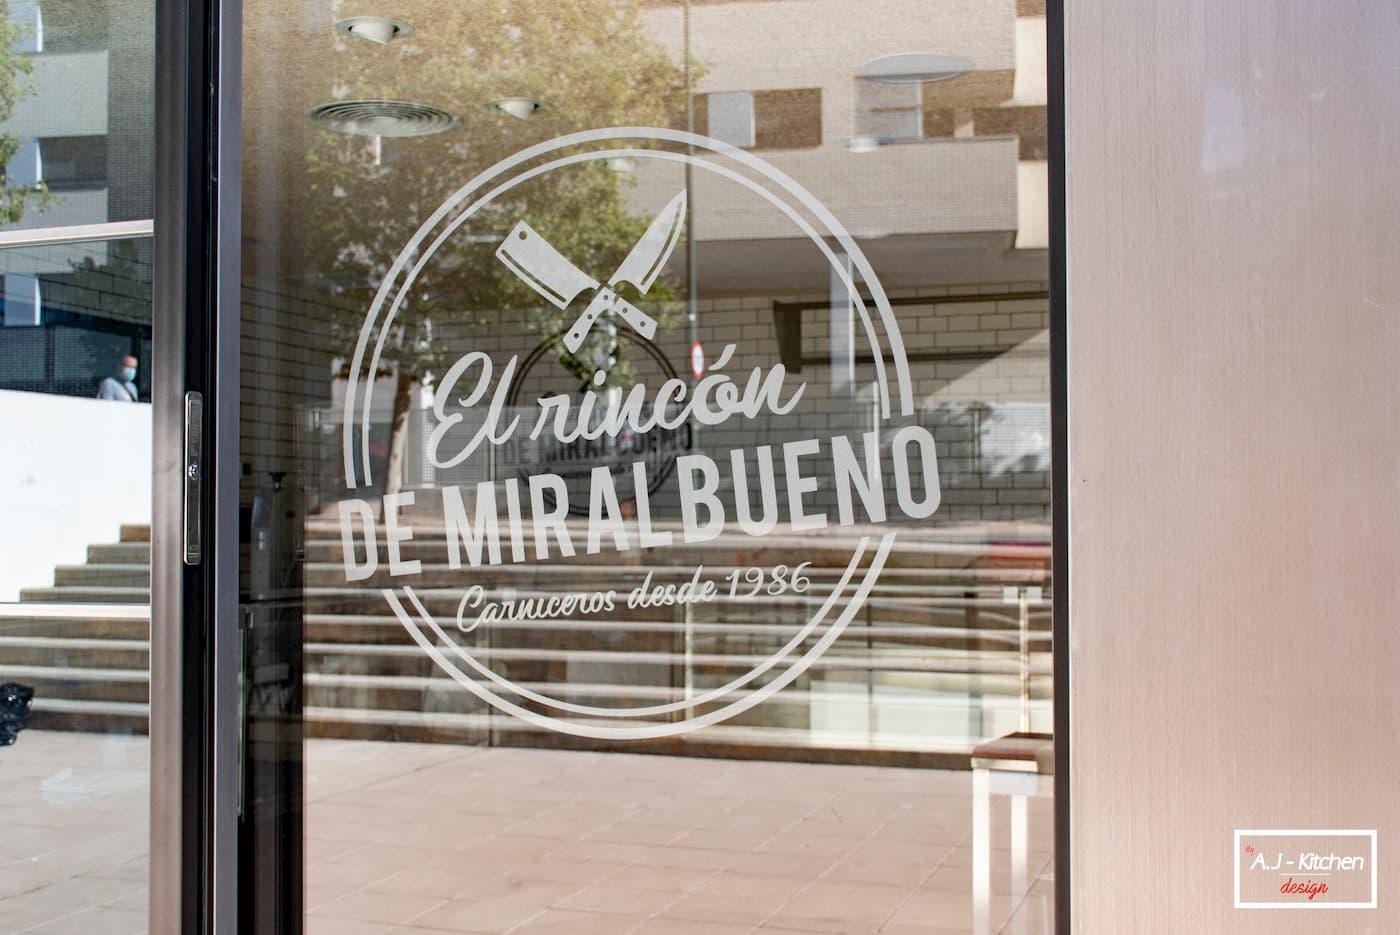 El Rincón de Miralbueno